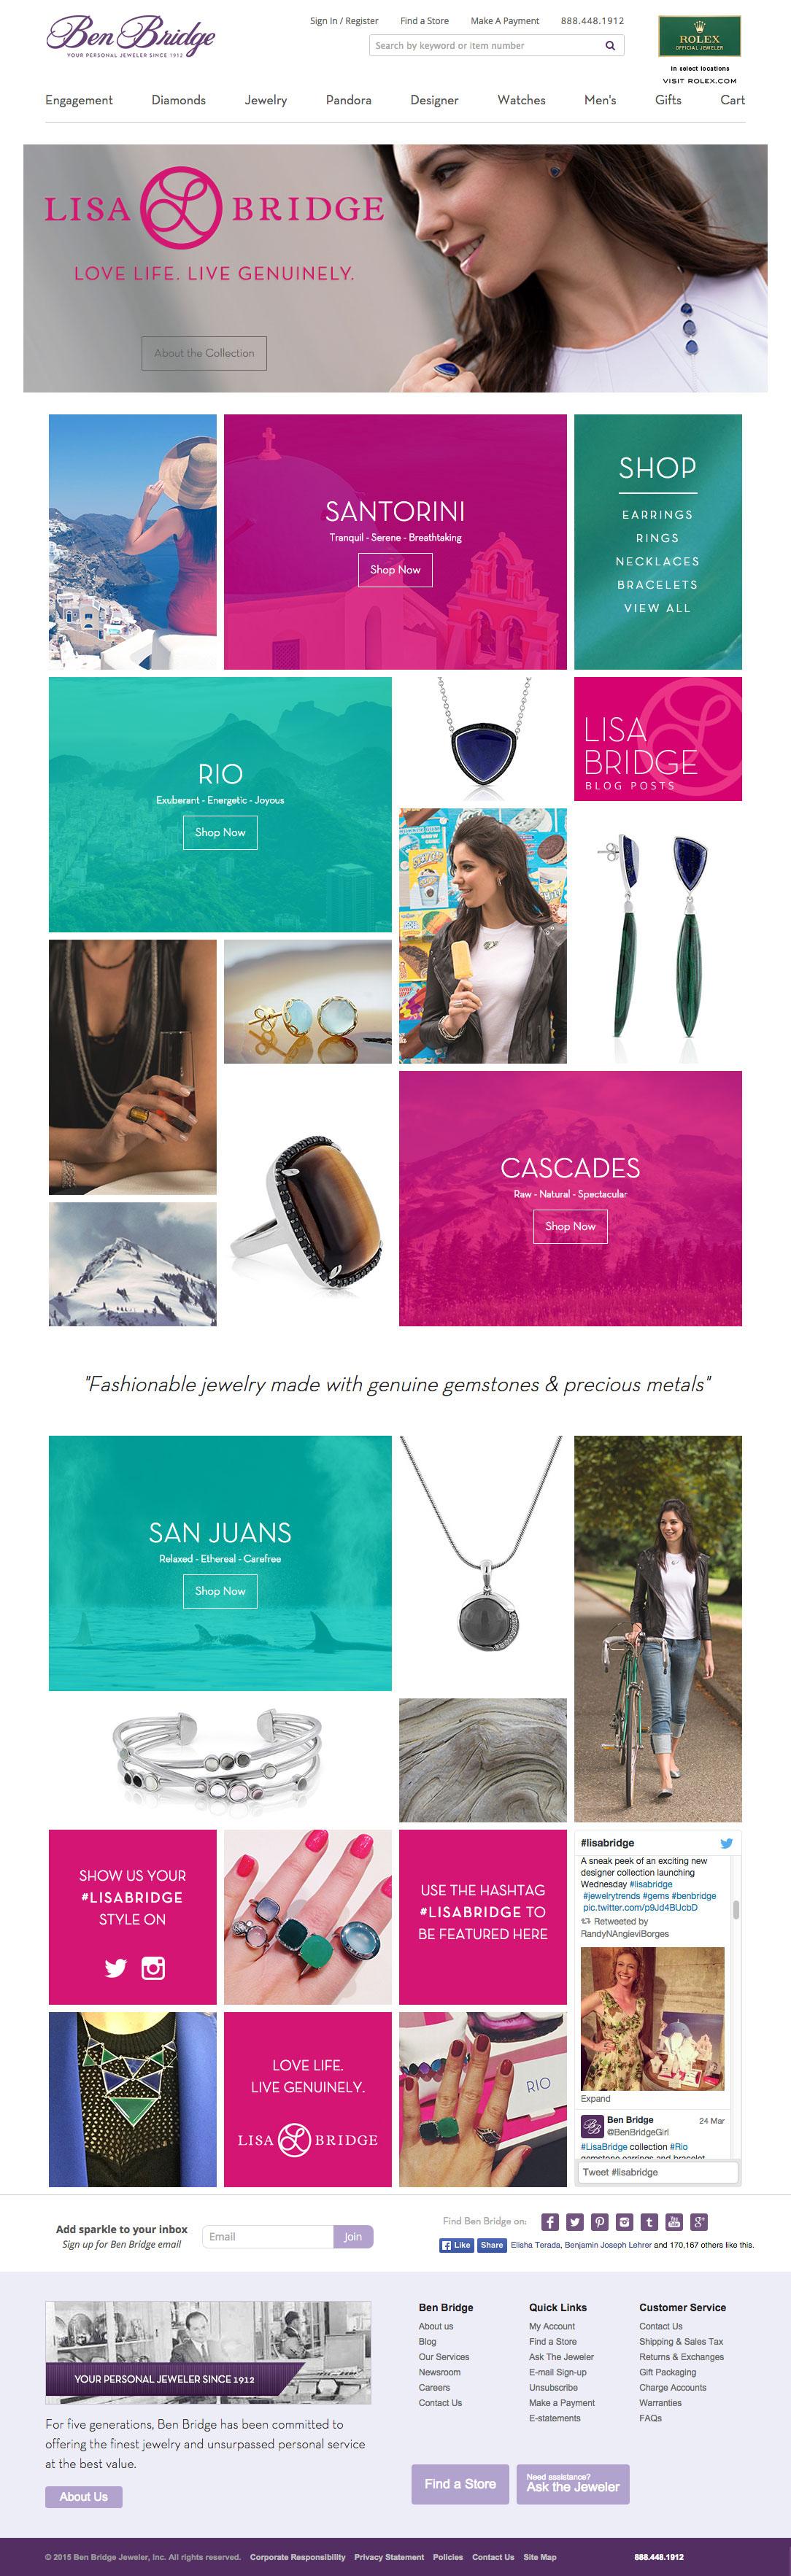 Adobe Portfolio Website luxury fresh modern Style jewelry Jeweler Layout